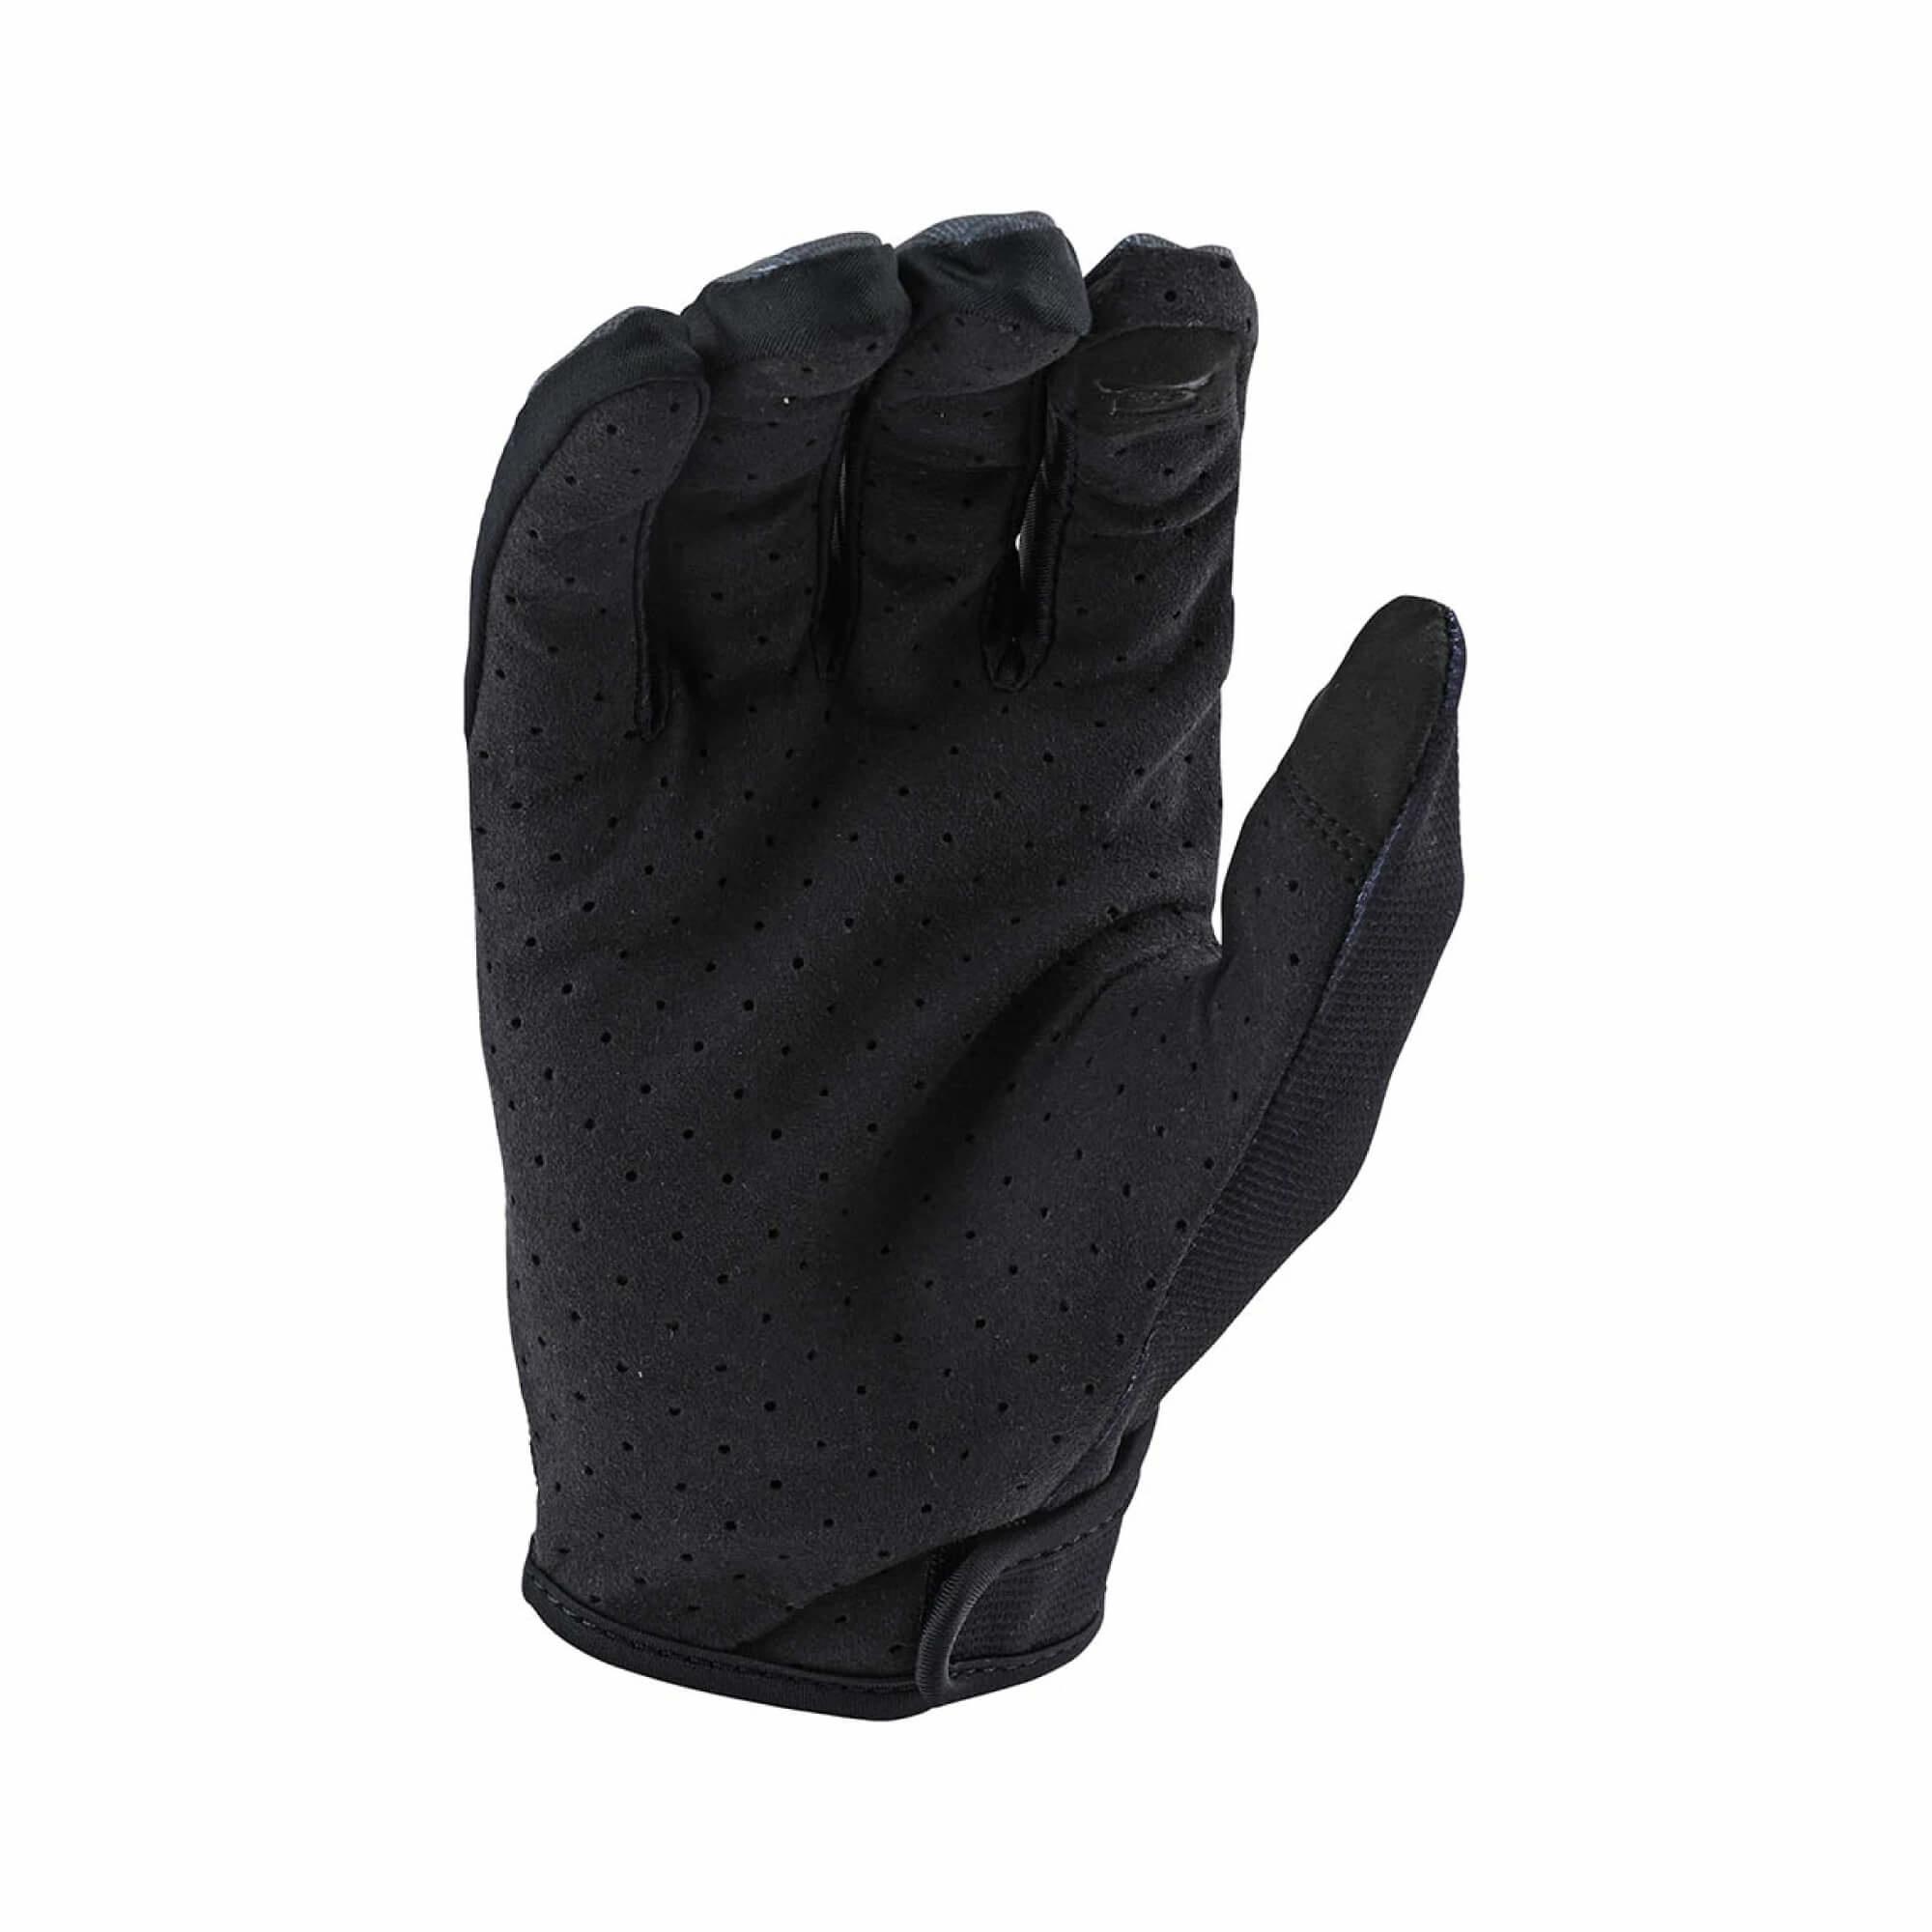 Flowline Glove-4